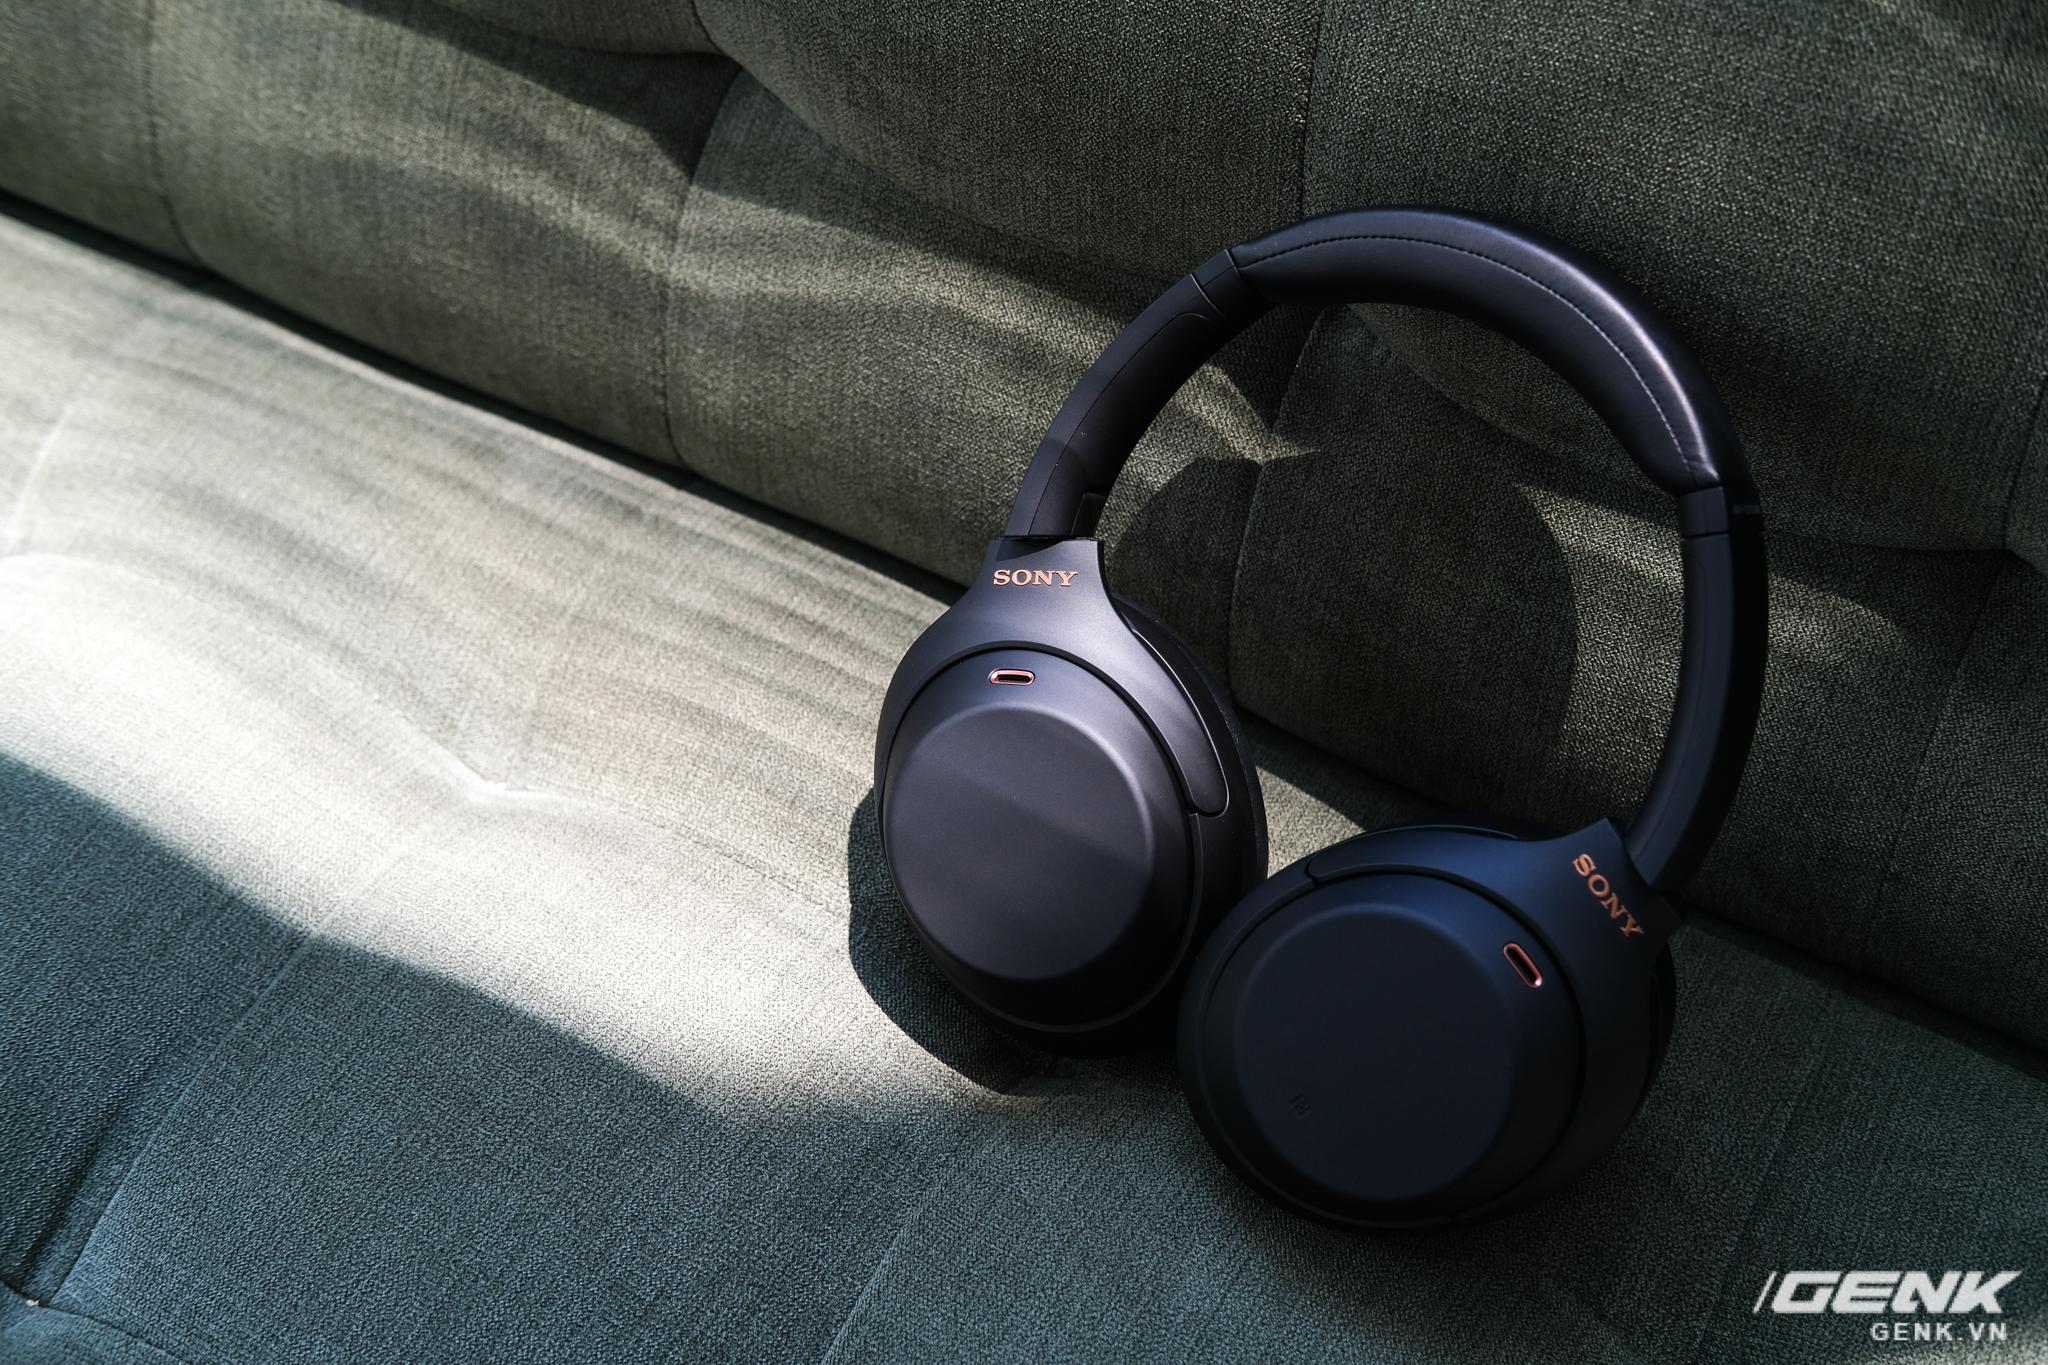 Trên tay tai nghe Sony WH-1000XM4: Ngoại hình không thay đổi, kết nối 1 lúc 2 thiết bị, nâng cấp chống ồn, giá 8,49 triệu đồng - Ảnh 13.